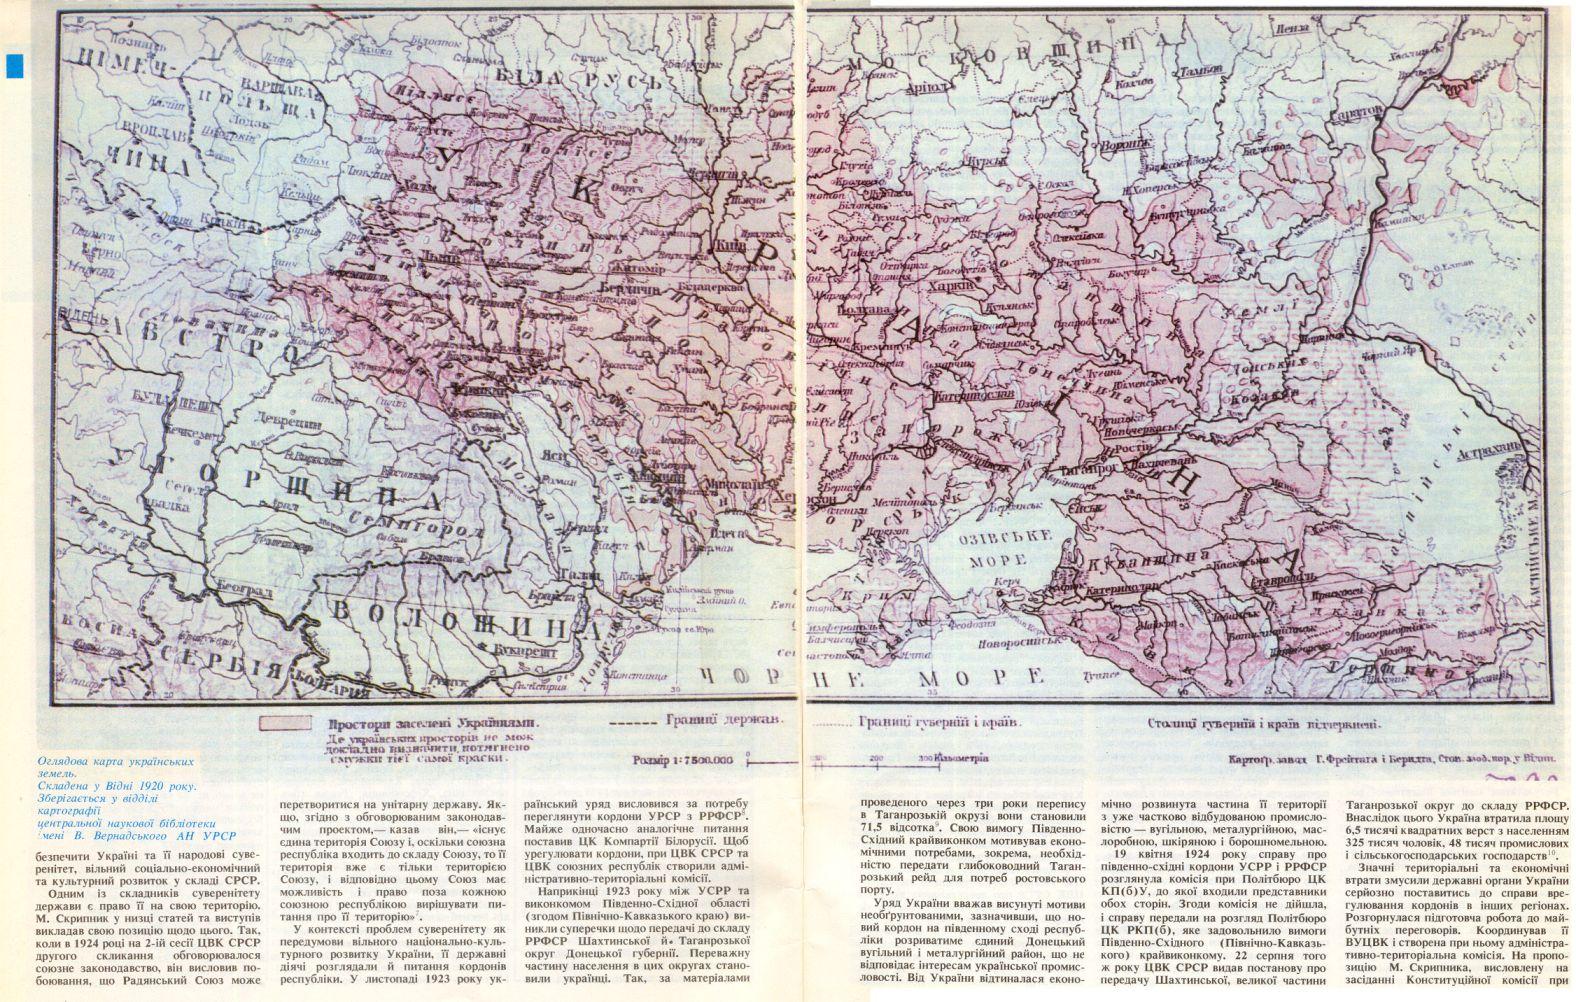 Документы украинского вопроса и пр